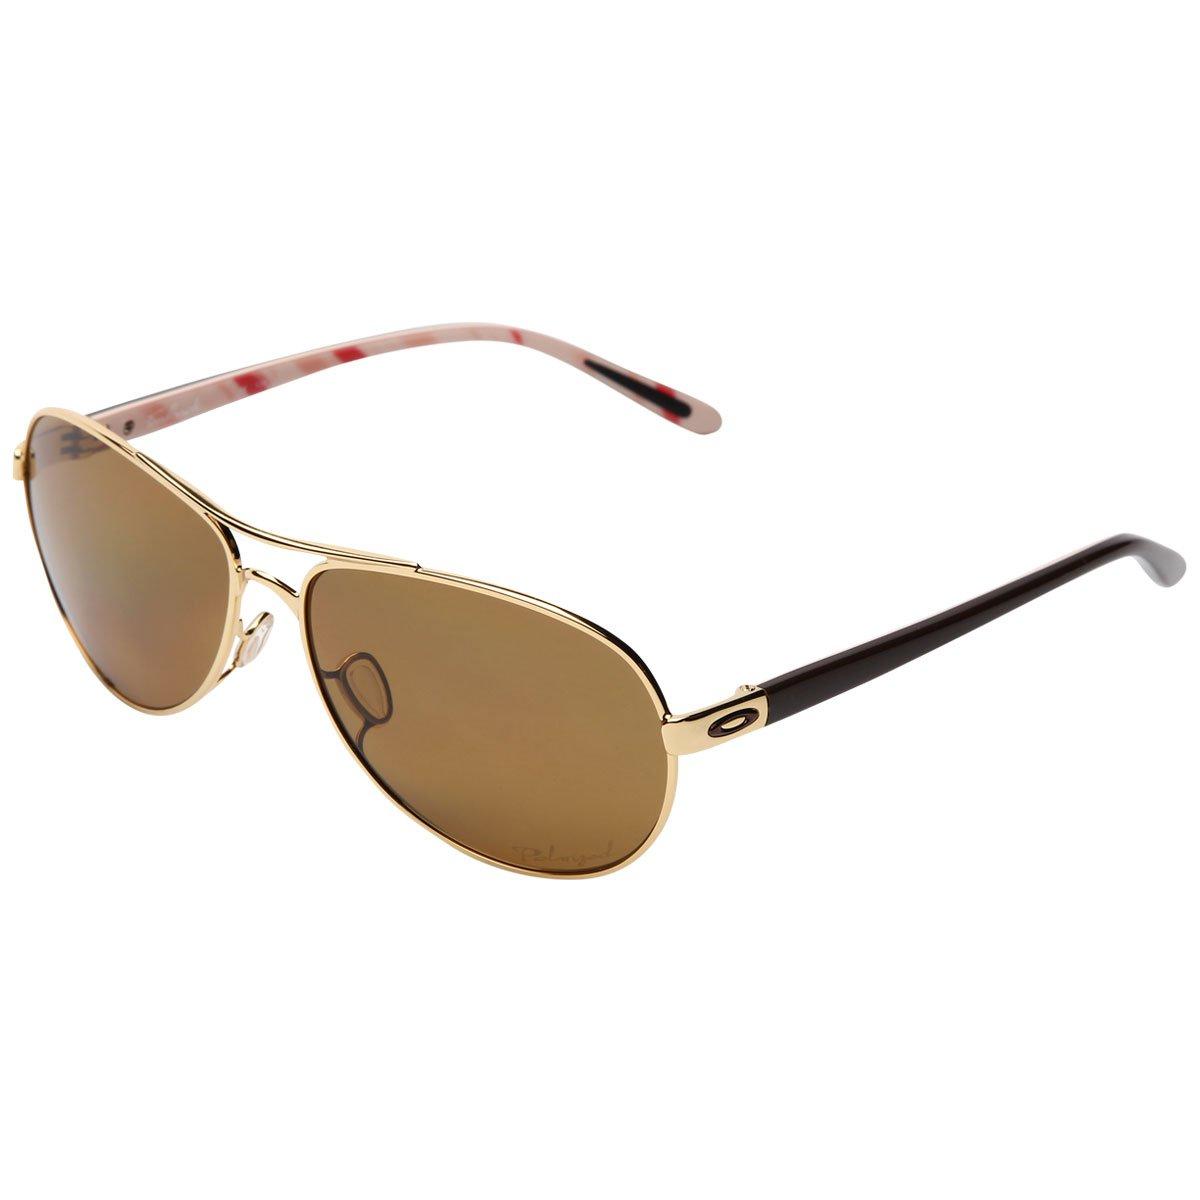 943b6dafa8e36 Óculos Oakley Feedback - Polarizado - Compre Agora